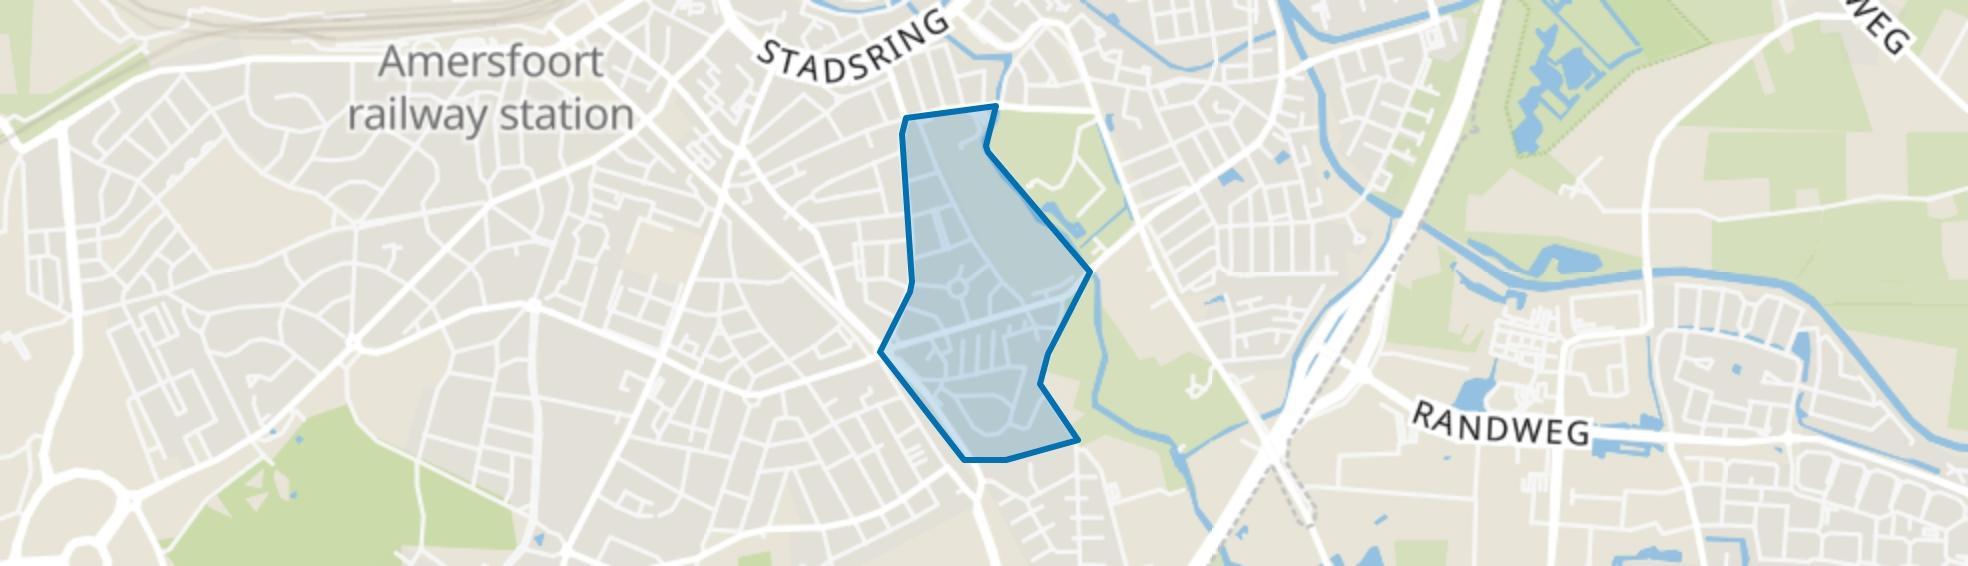 Rubensstraat, Amersfoort map